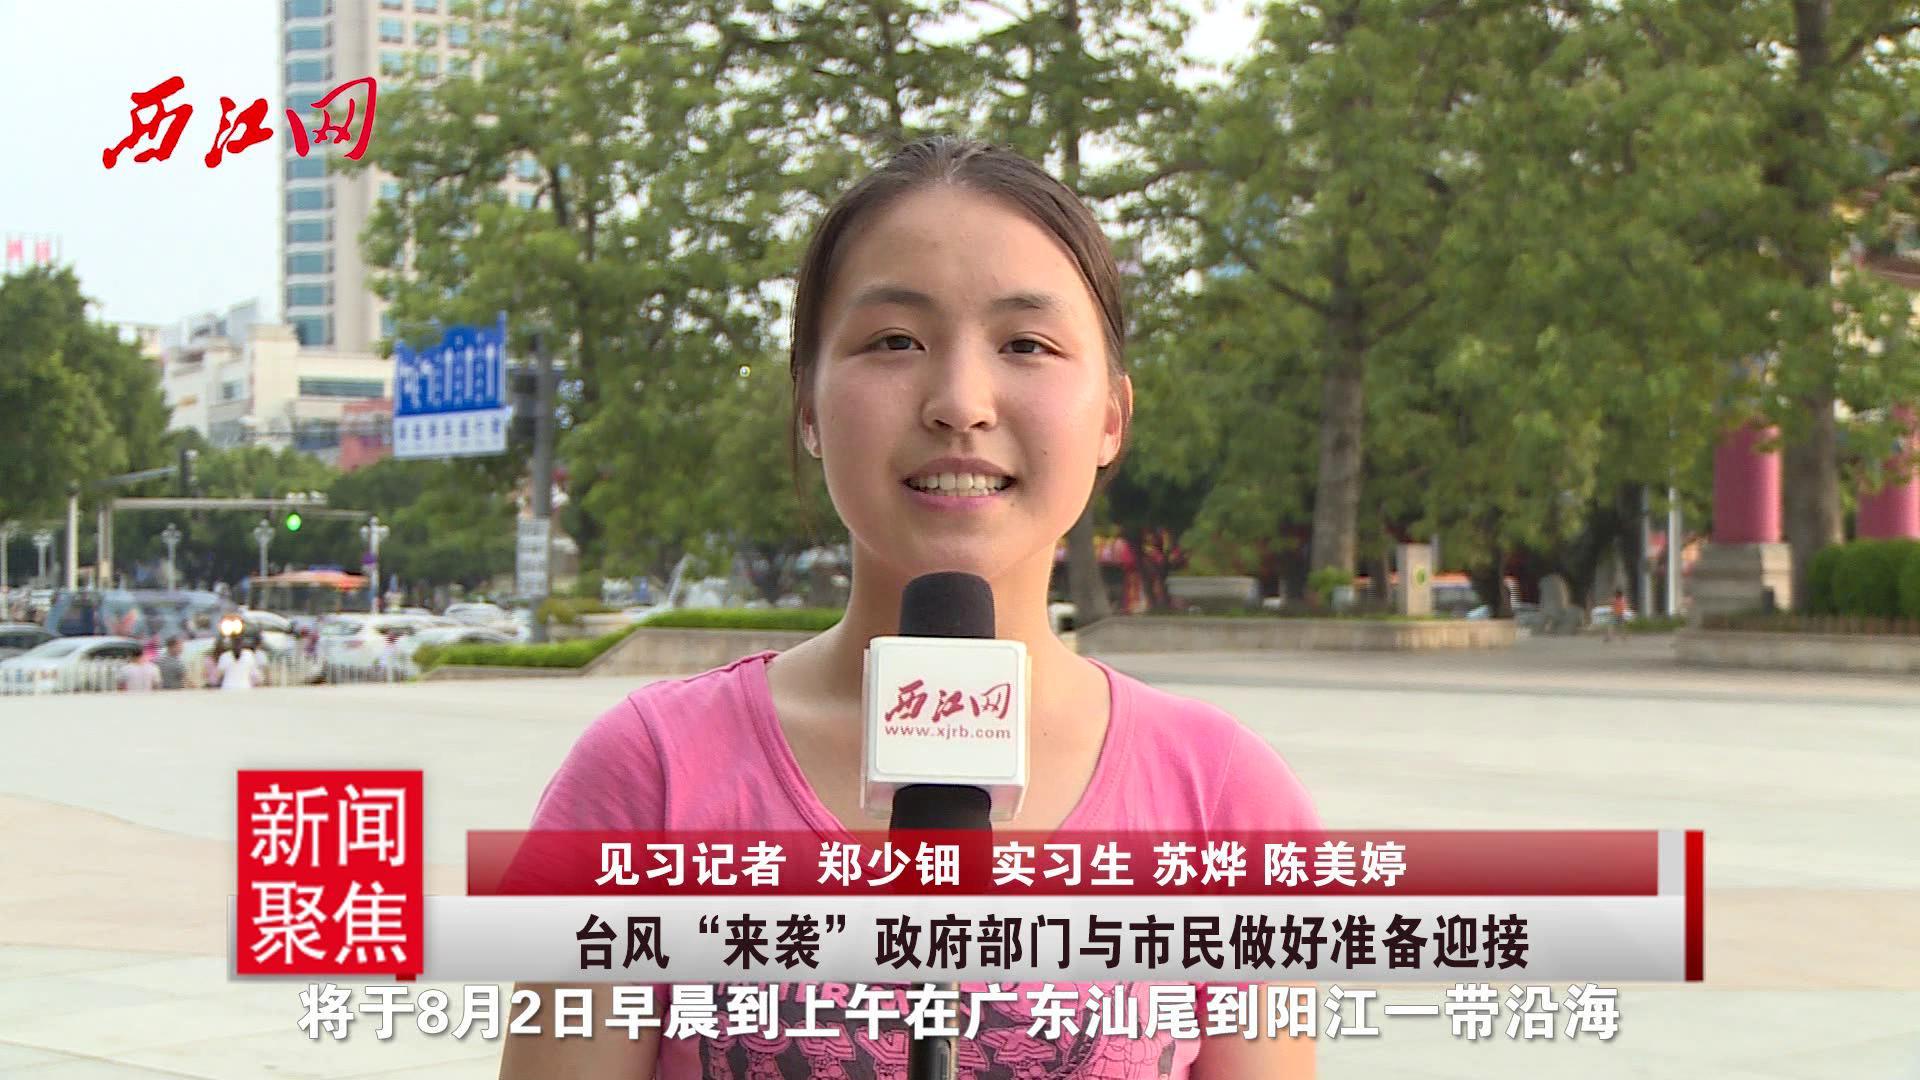 """台风""""妮妲""""来袭 政府部门与市民做好准备迎接"""